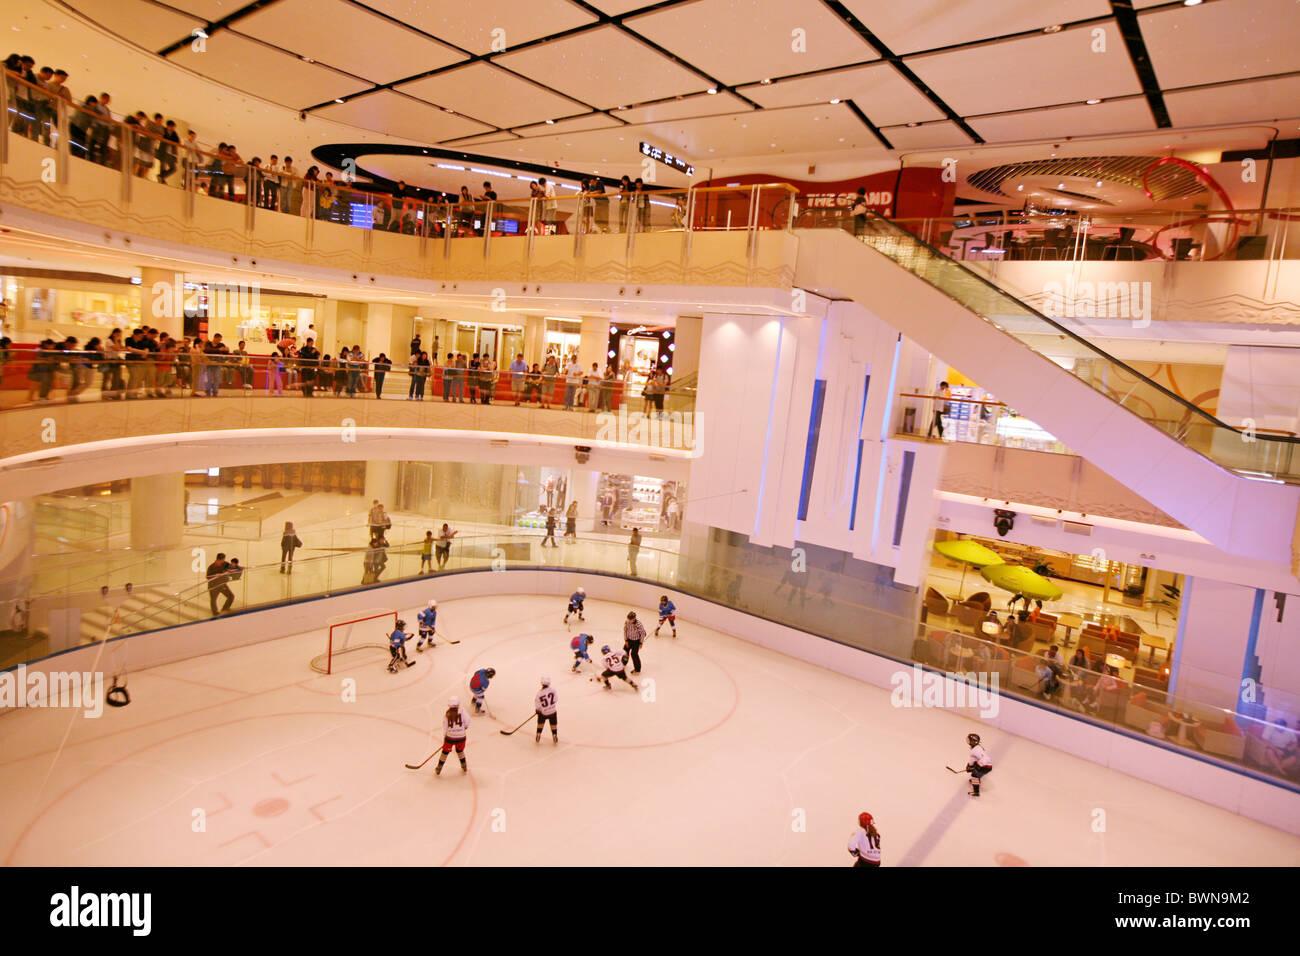 Asia Cina Hong Kong Kowloon elementi centro shopping di aprile 2008 memorizza i negozi di pattinaggio sul ghiaccio Immagini Stock